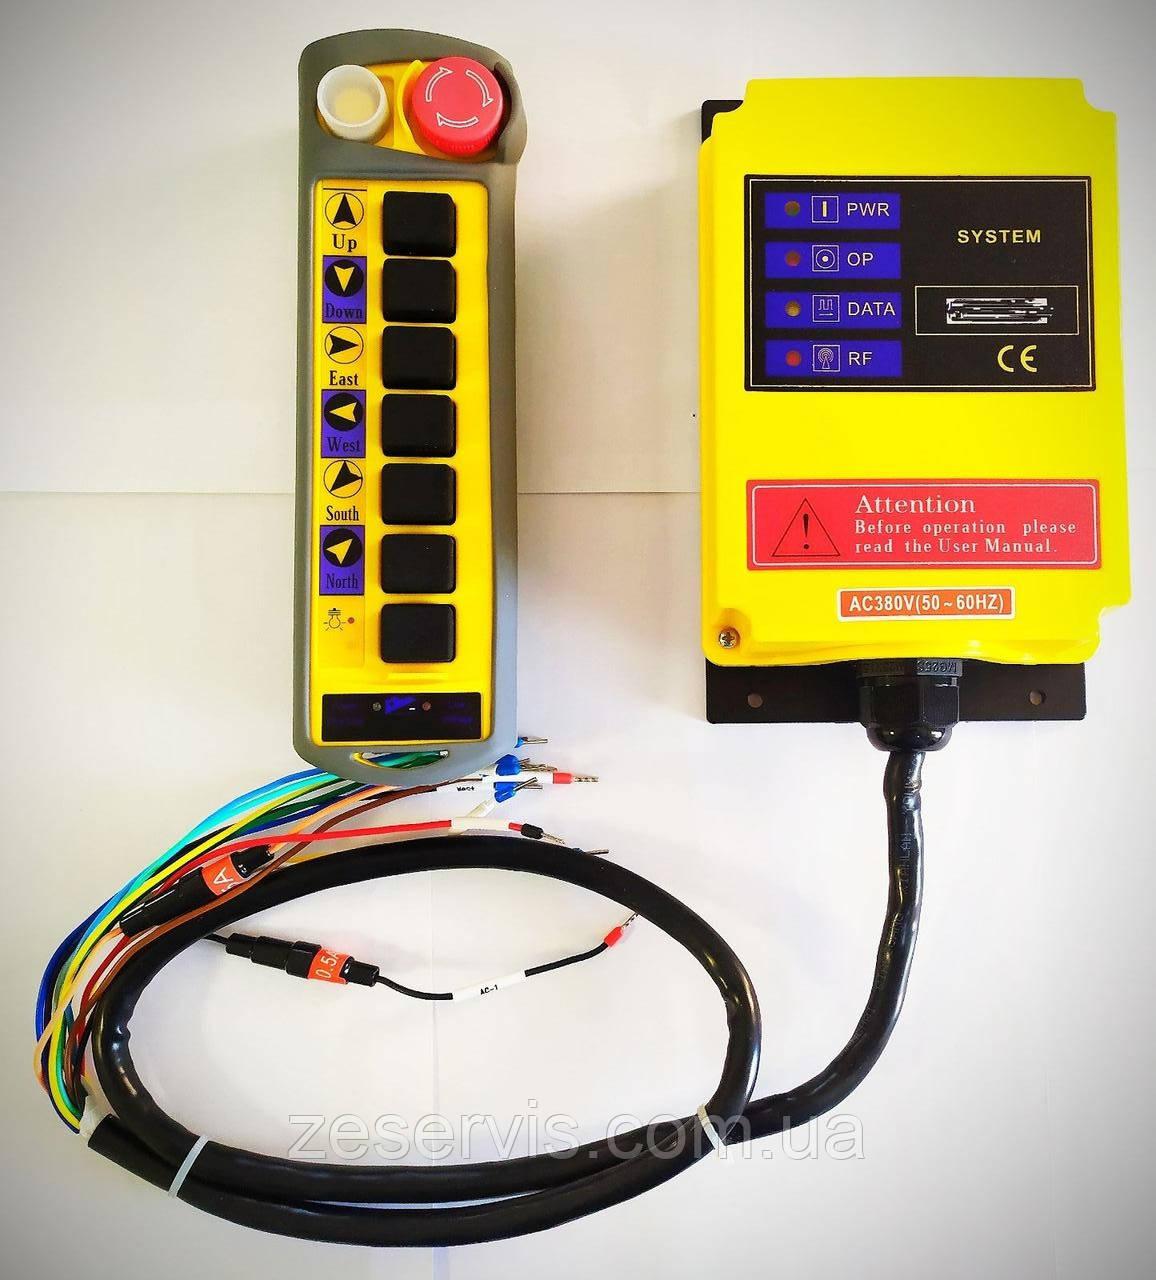 Пульт керування безпровідний крановий (пульт радіокерування тельферний) (1 передавач)